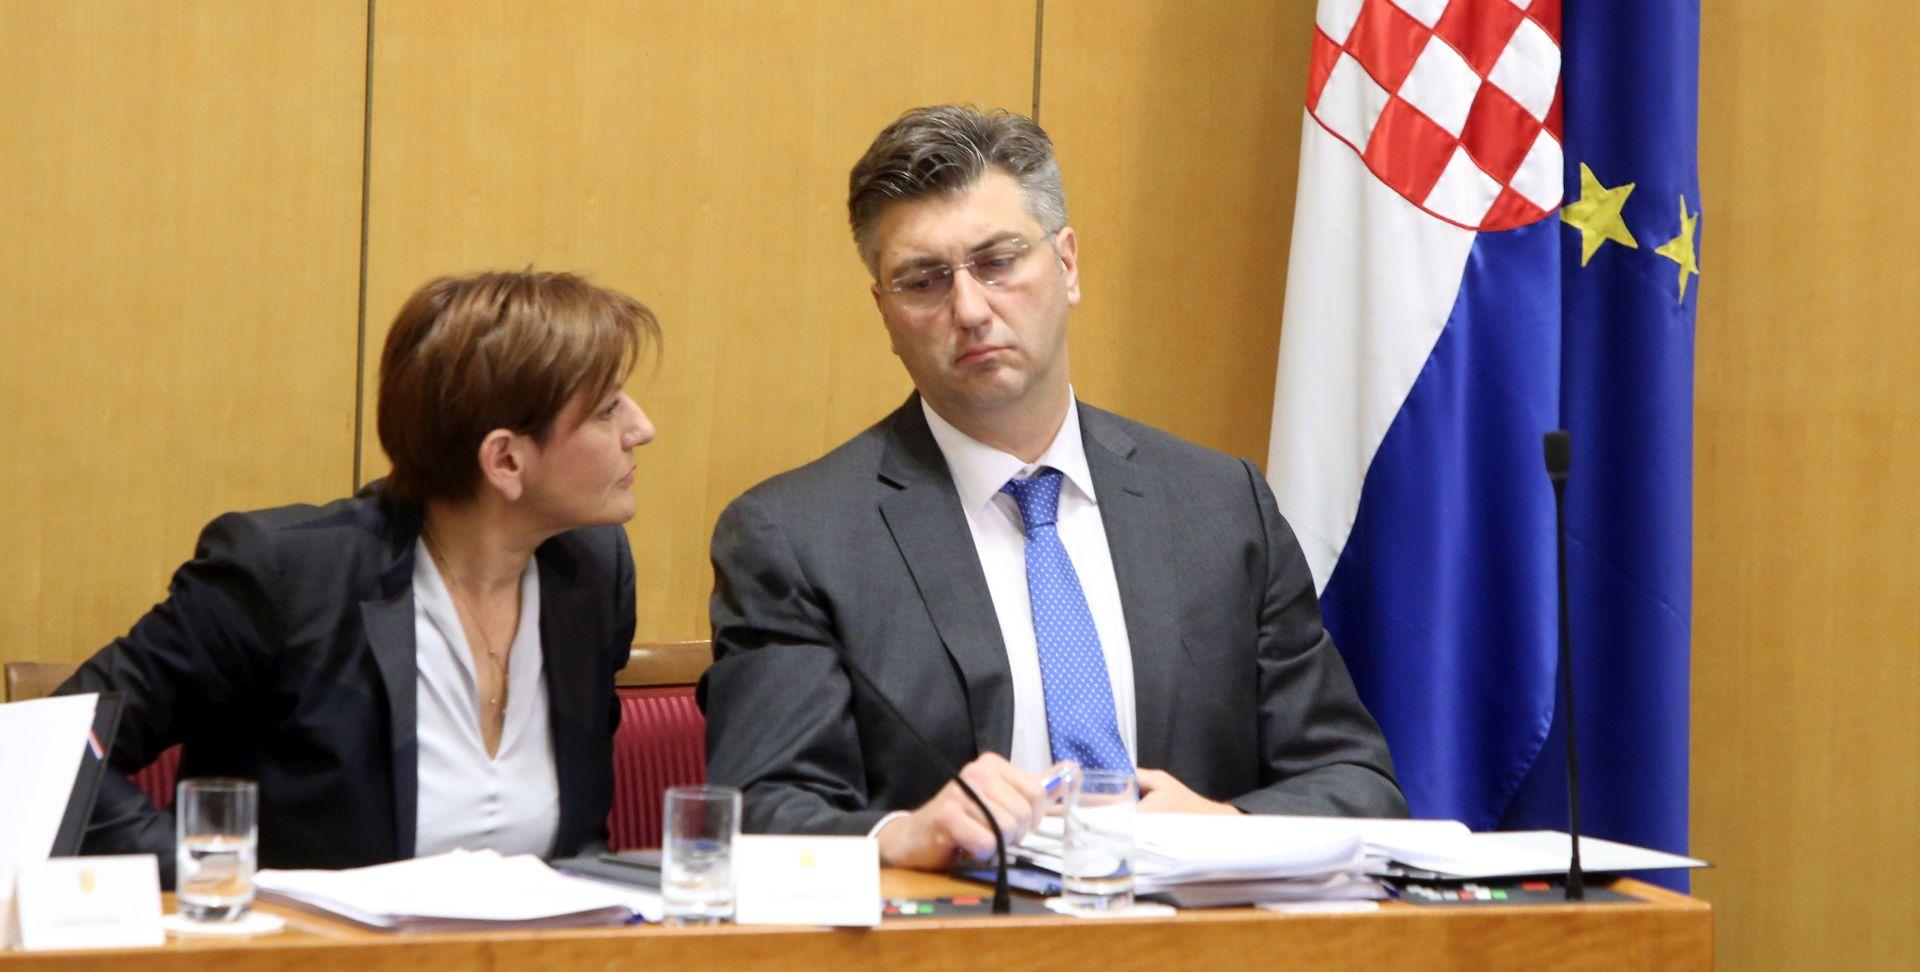 Plenković i Dalić uskoro o mailovima o Agrokoru